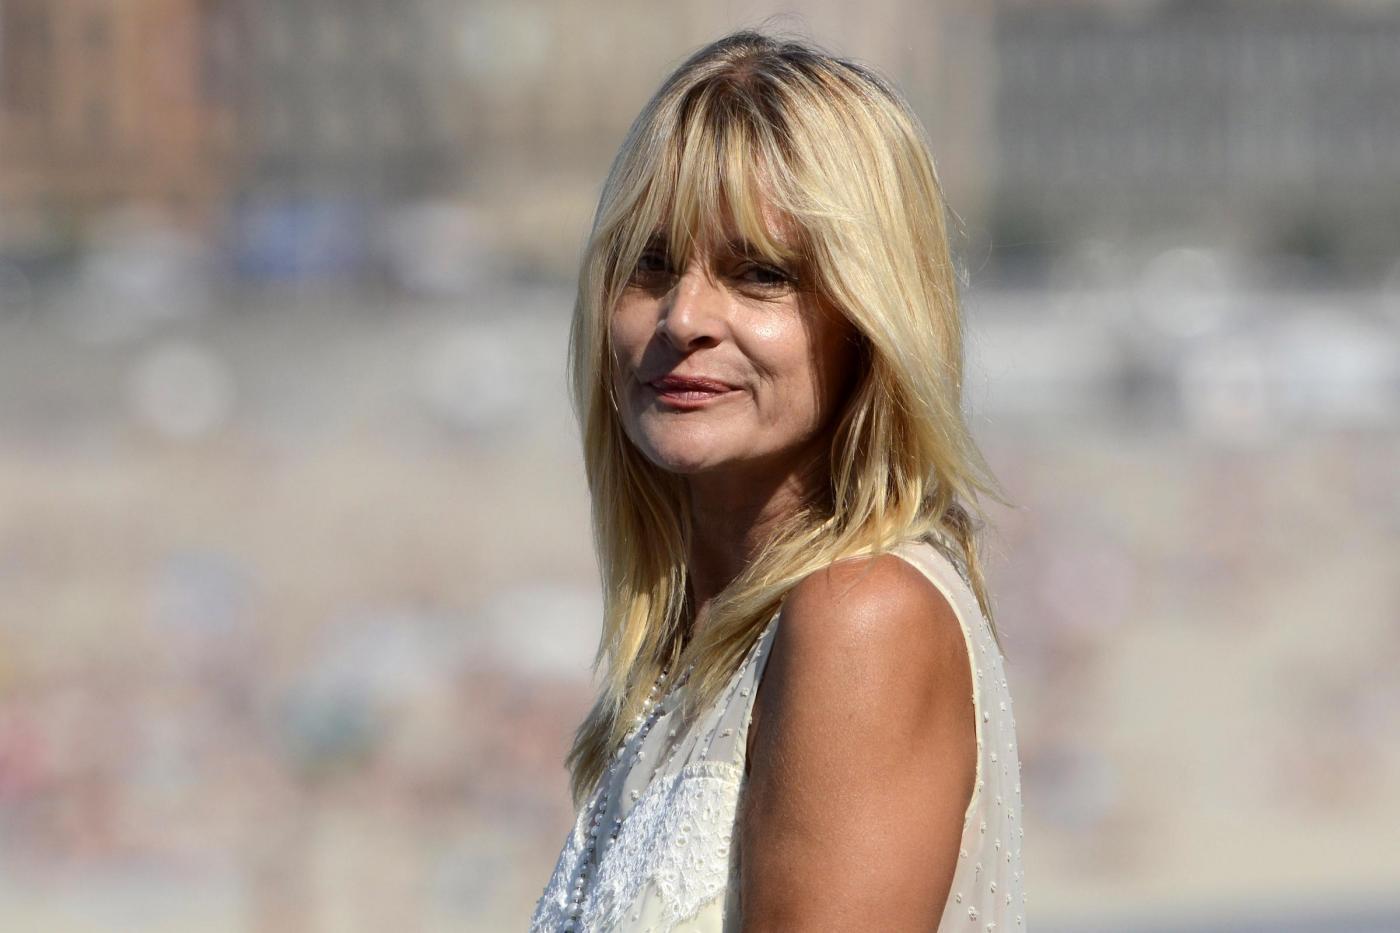 Nastassja Kinski attacca un giornalista: tensione alla Mostra del Cinema di Venezia